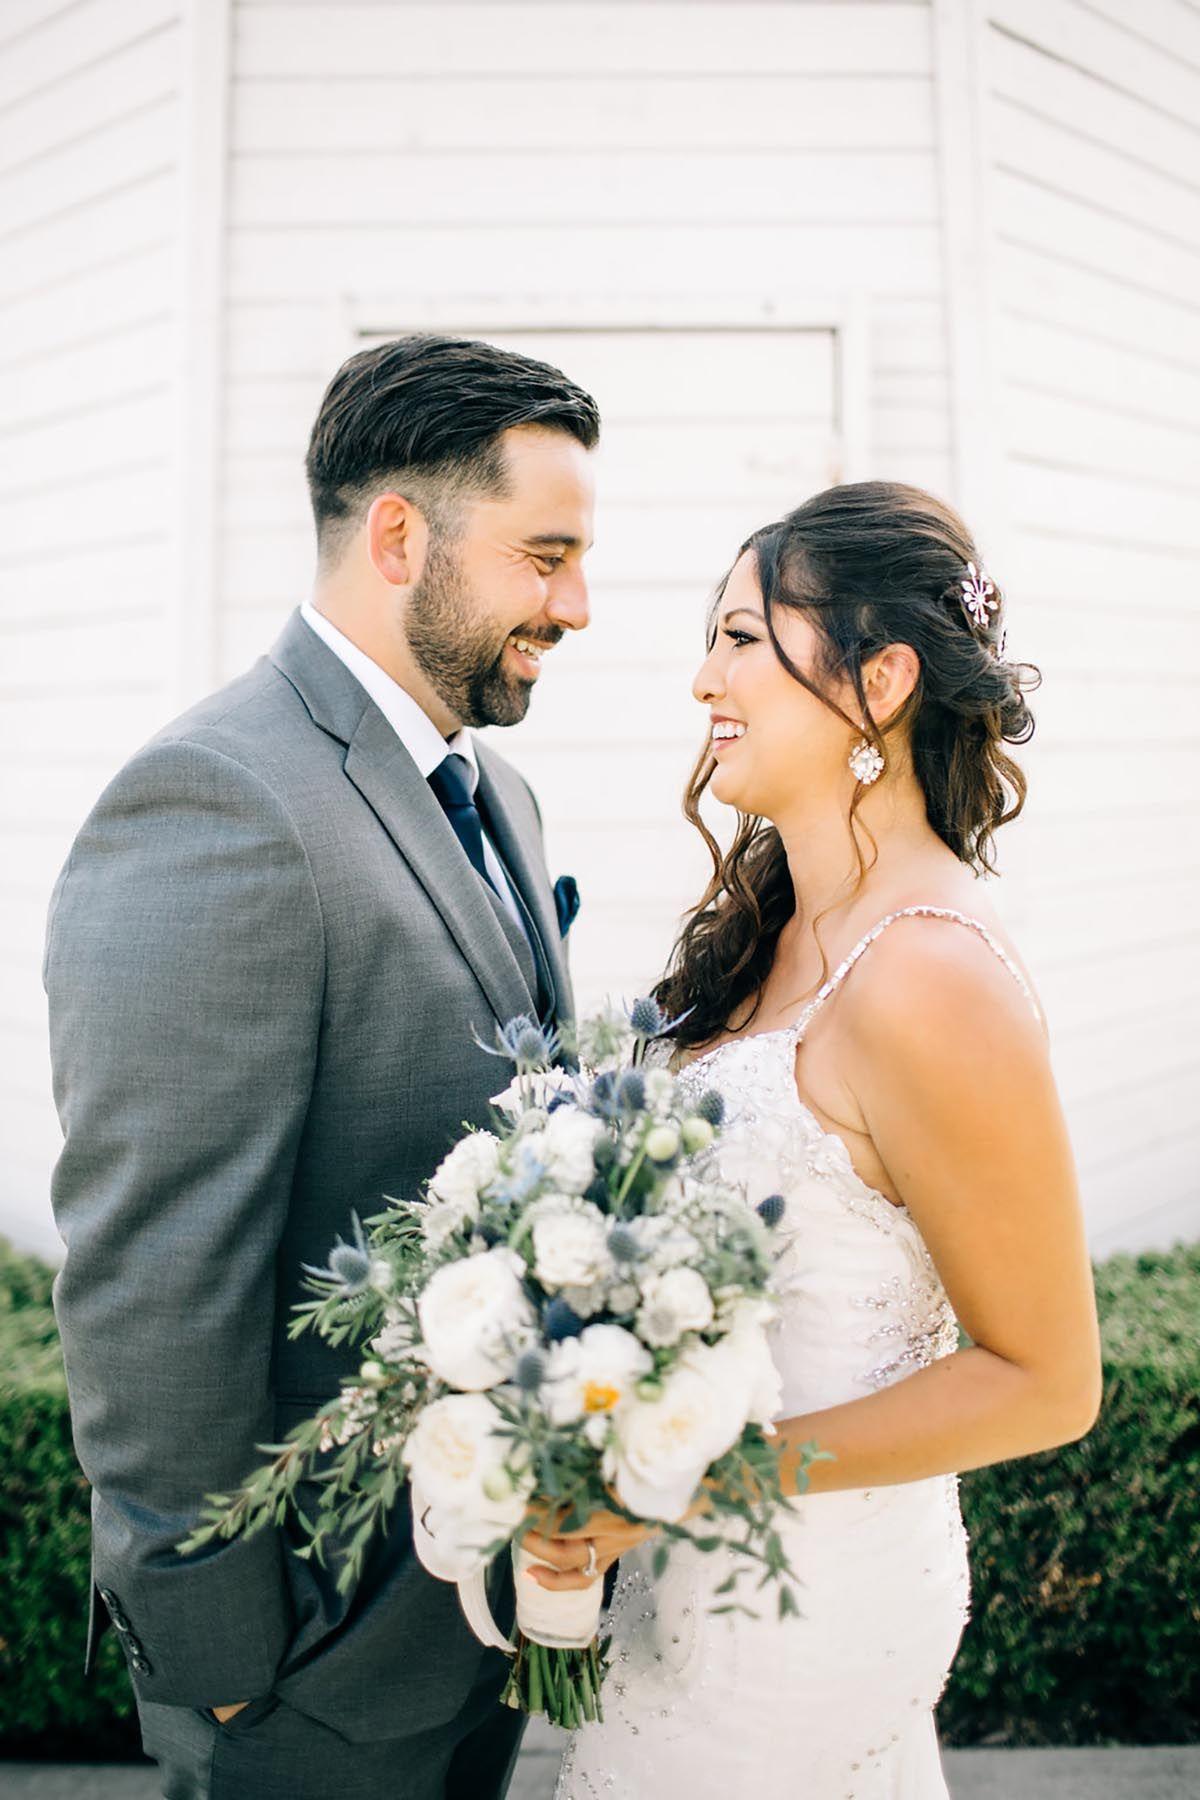 Rustic Outdoor Wedding // Huntington Beach, CA   Barn wedding